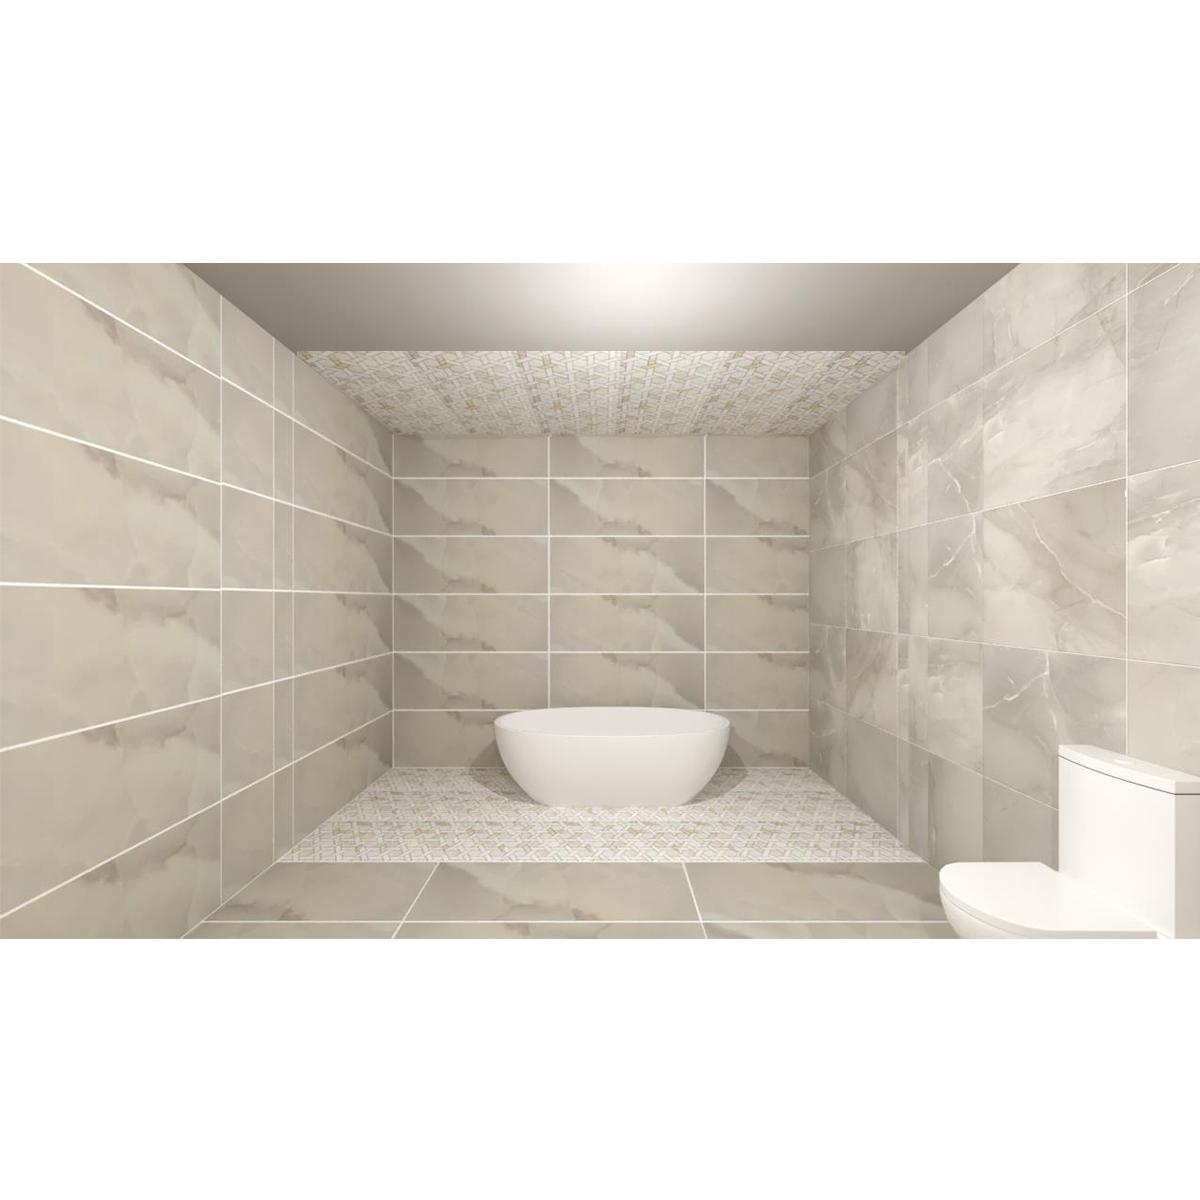 BEDROOM 2 BATHROOM 2